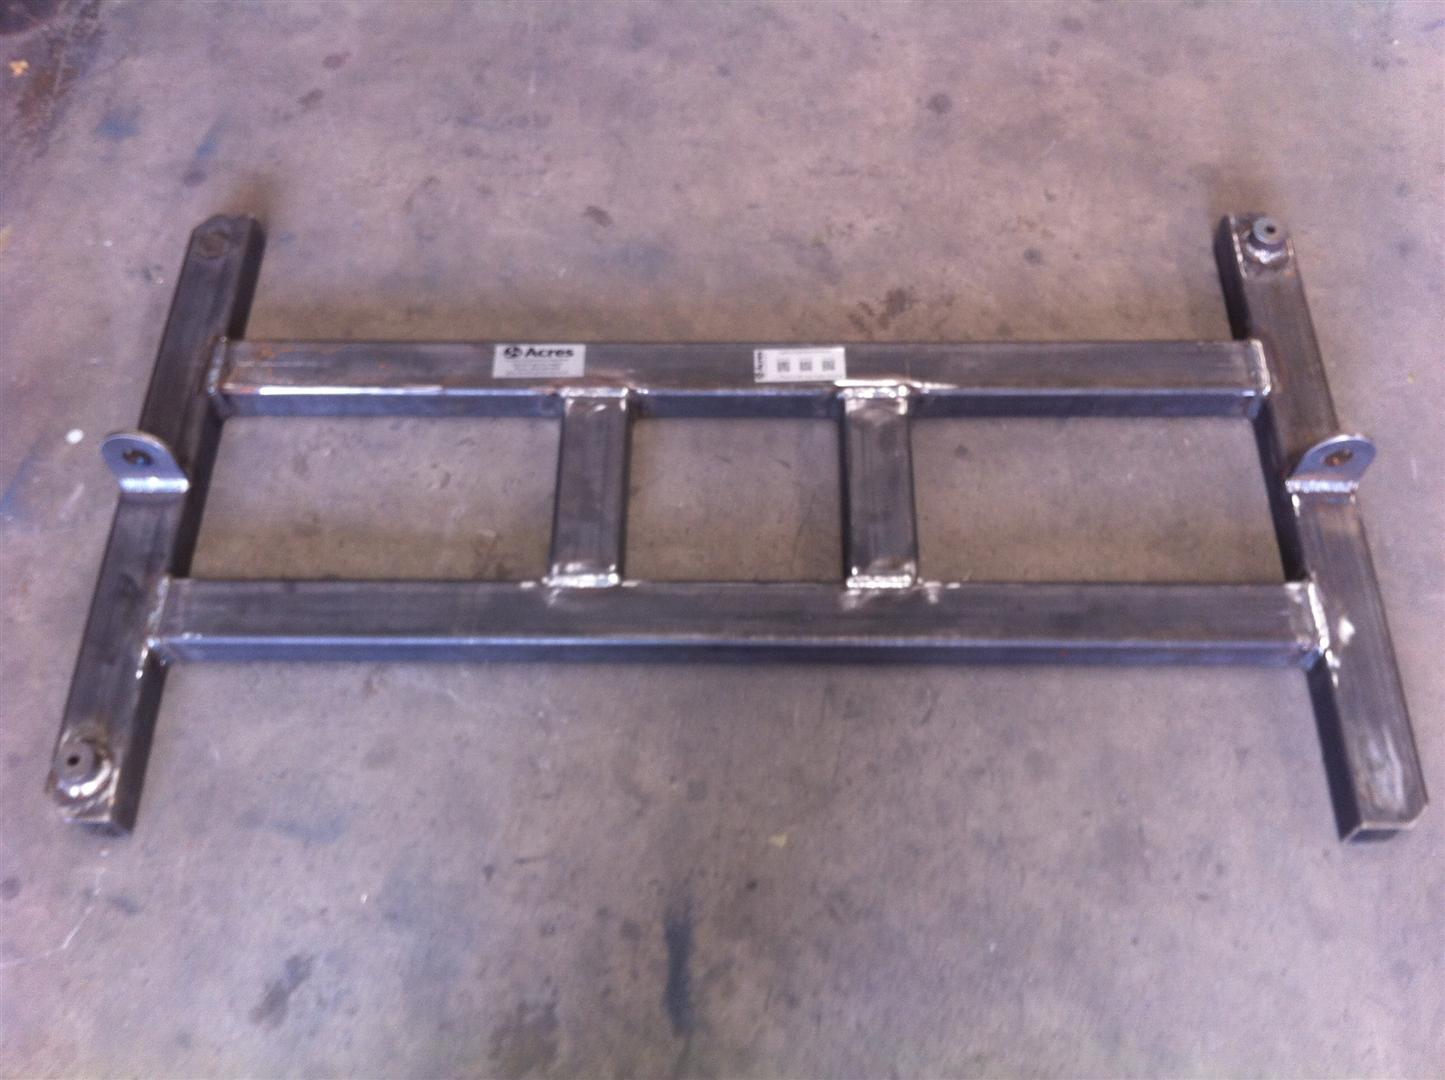 AD-205-2013-07 – Armature Shaft Varnish Support Frame